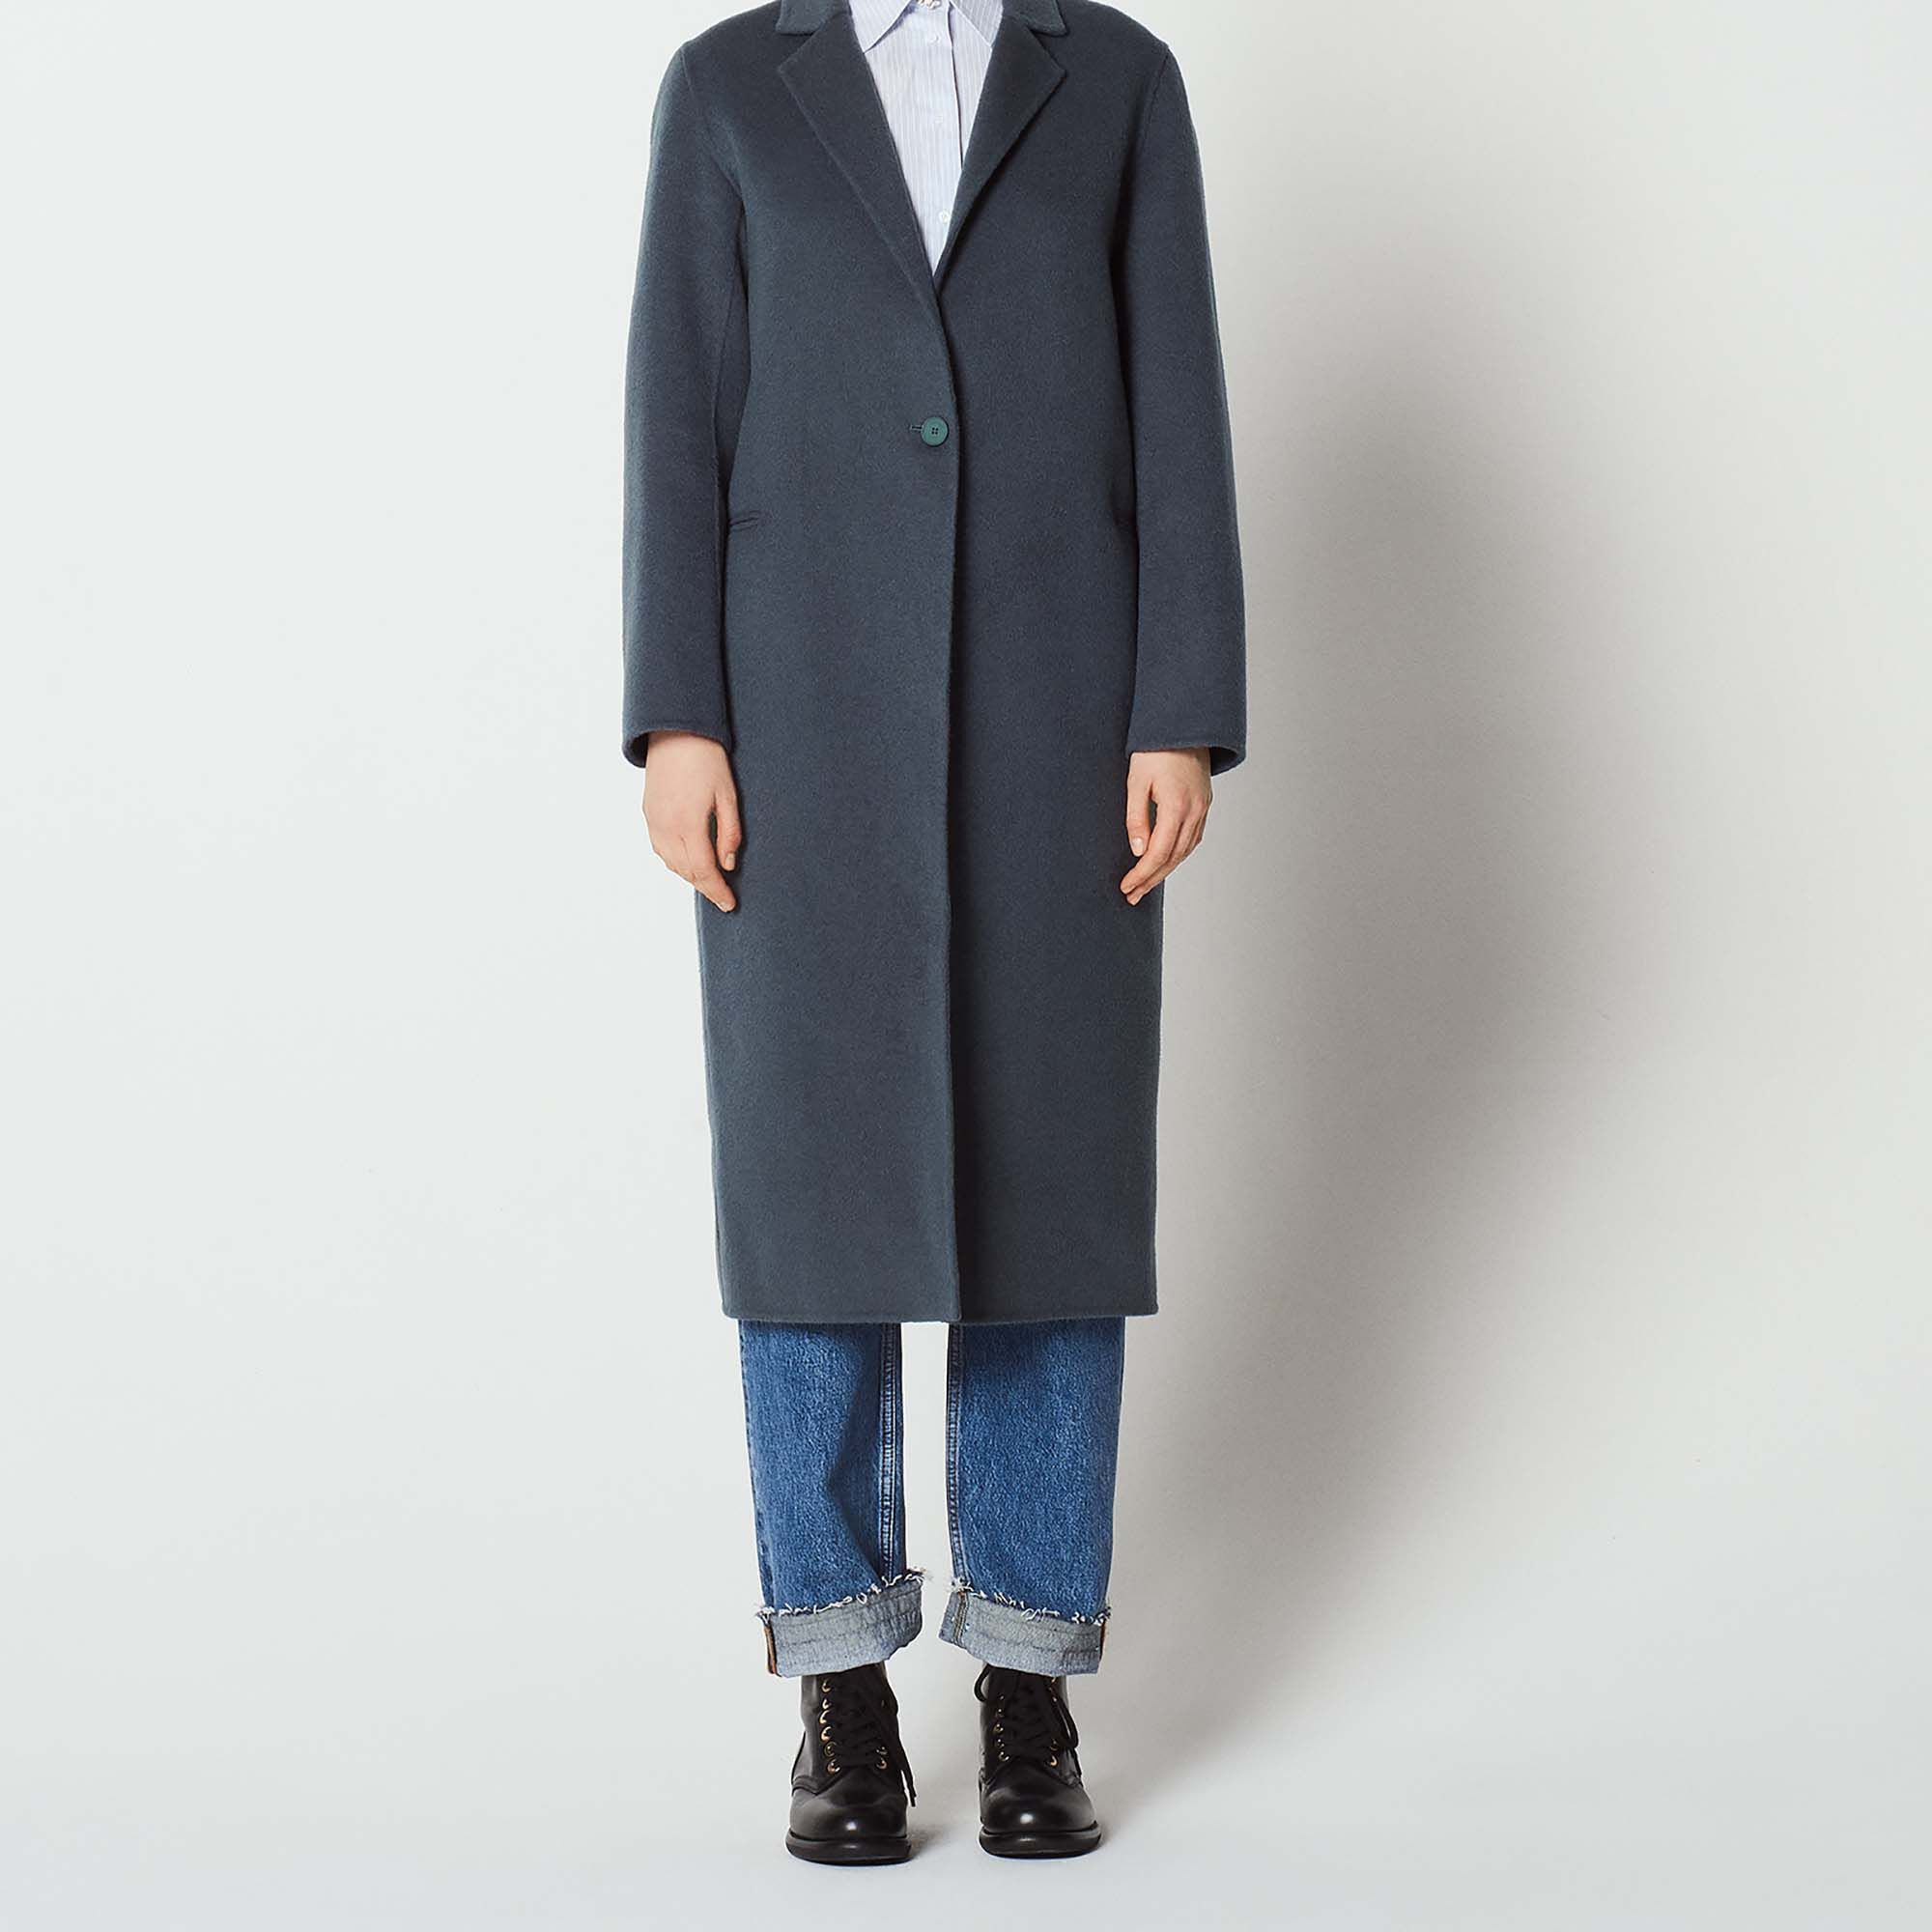 Donde comprar abrigos baratos en paris